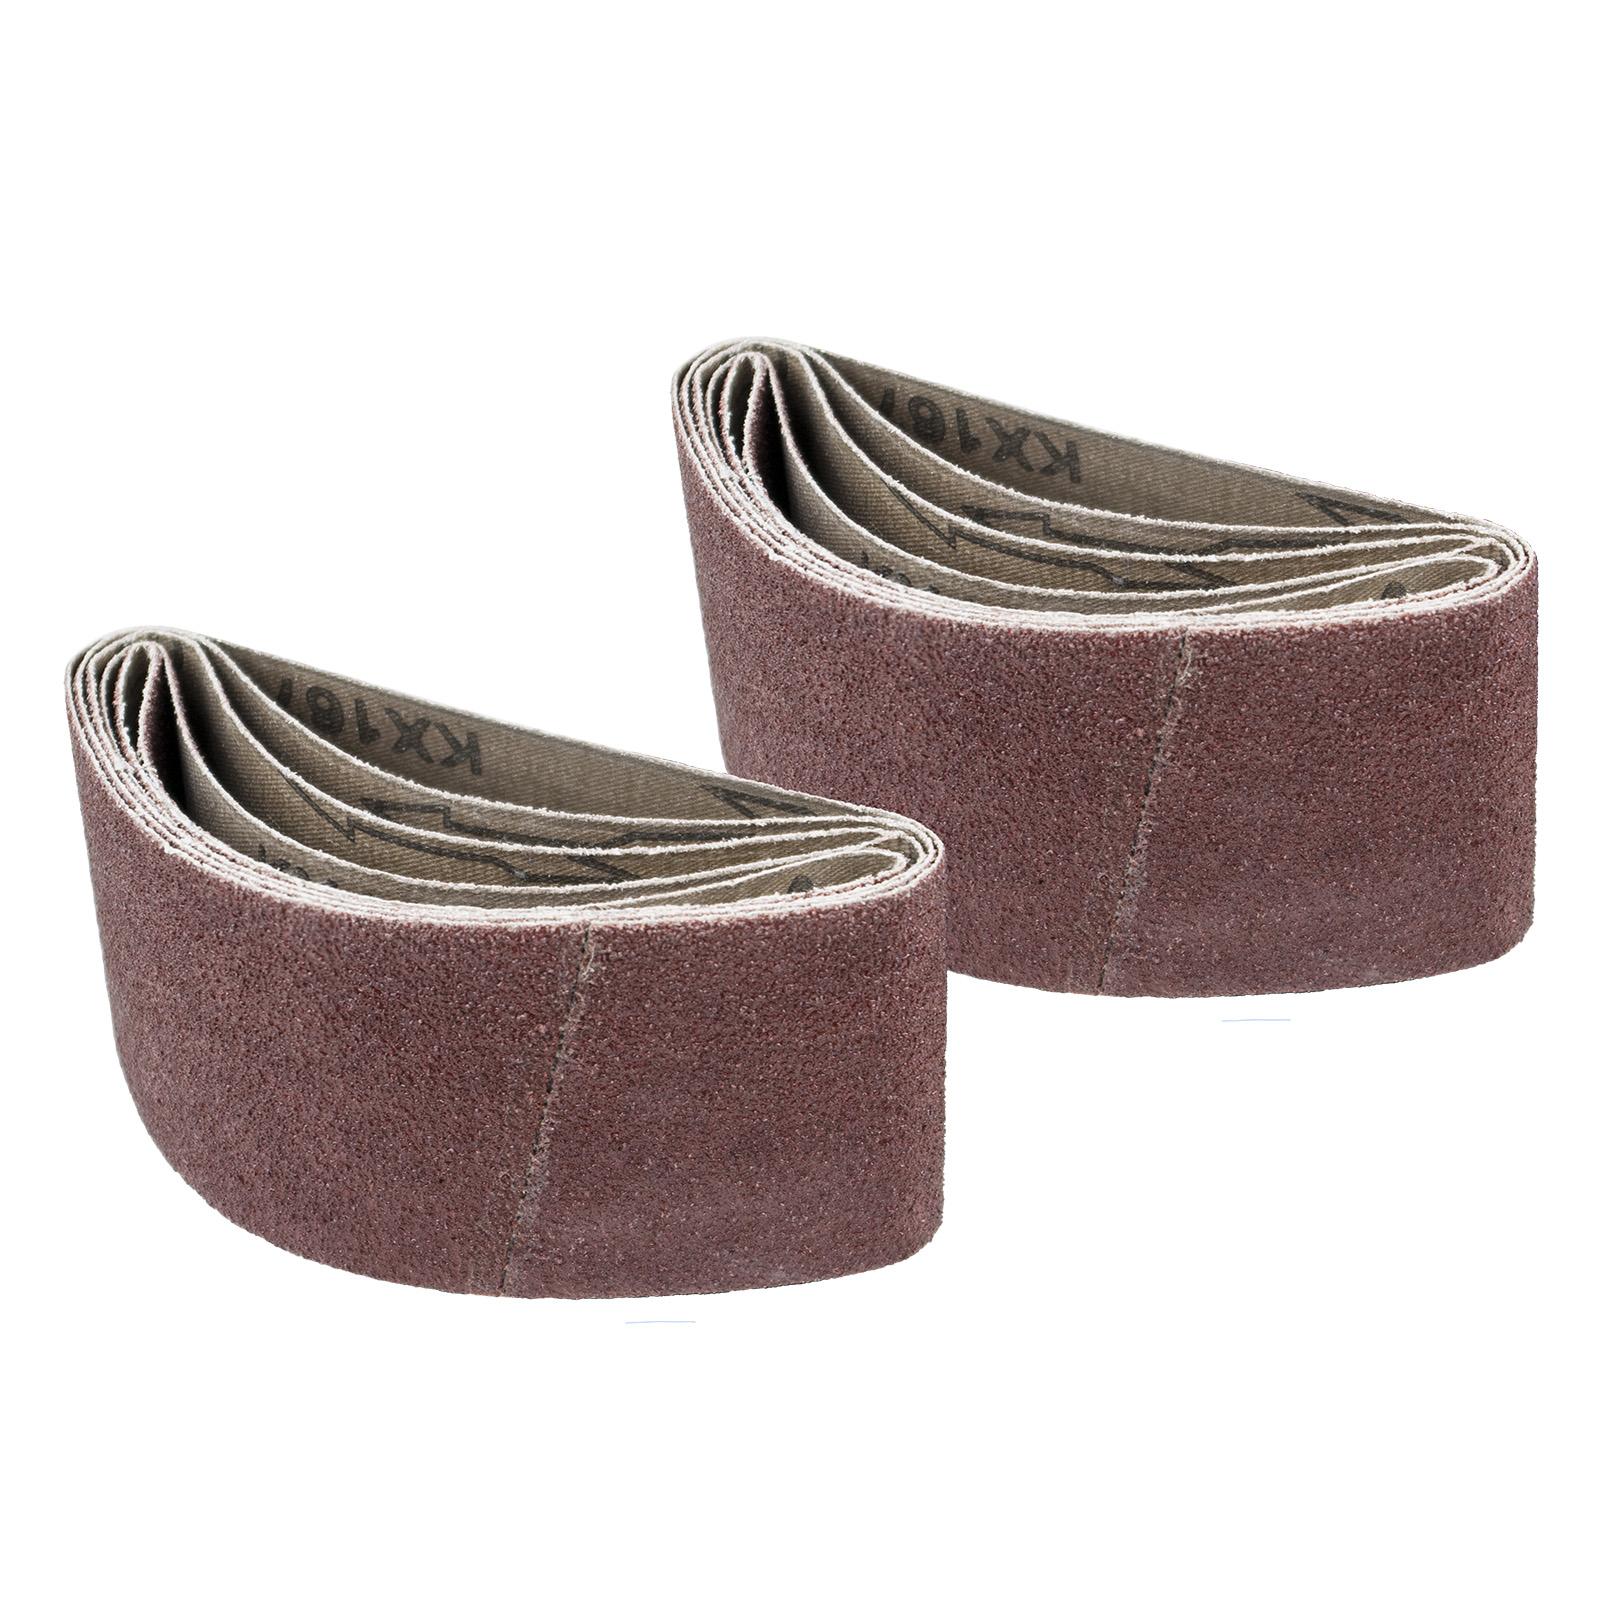 10 Pack 371k Sander 2 1//2 Inch X 14 Inch 220 Grit Cloth Portable Sanding Belts